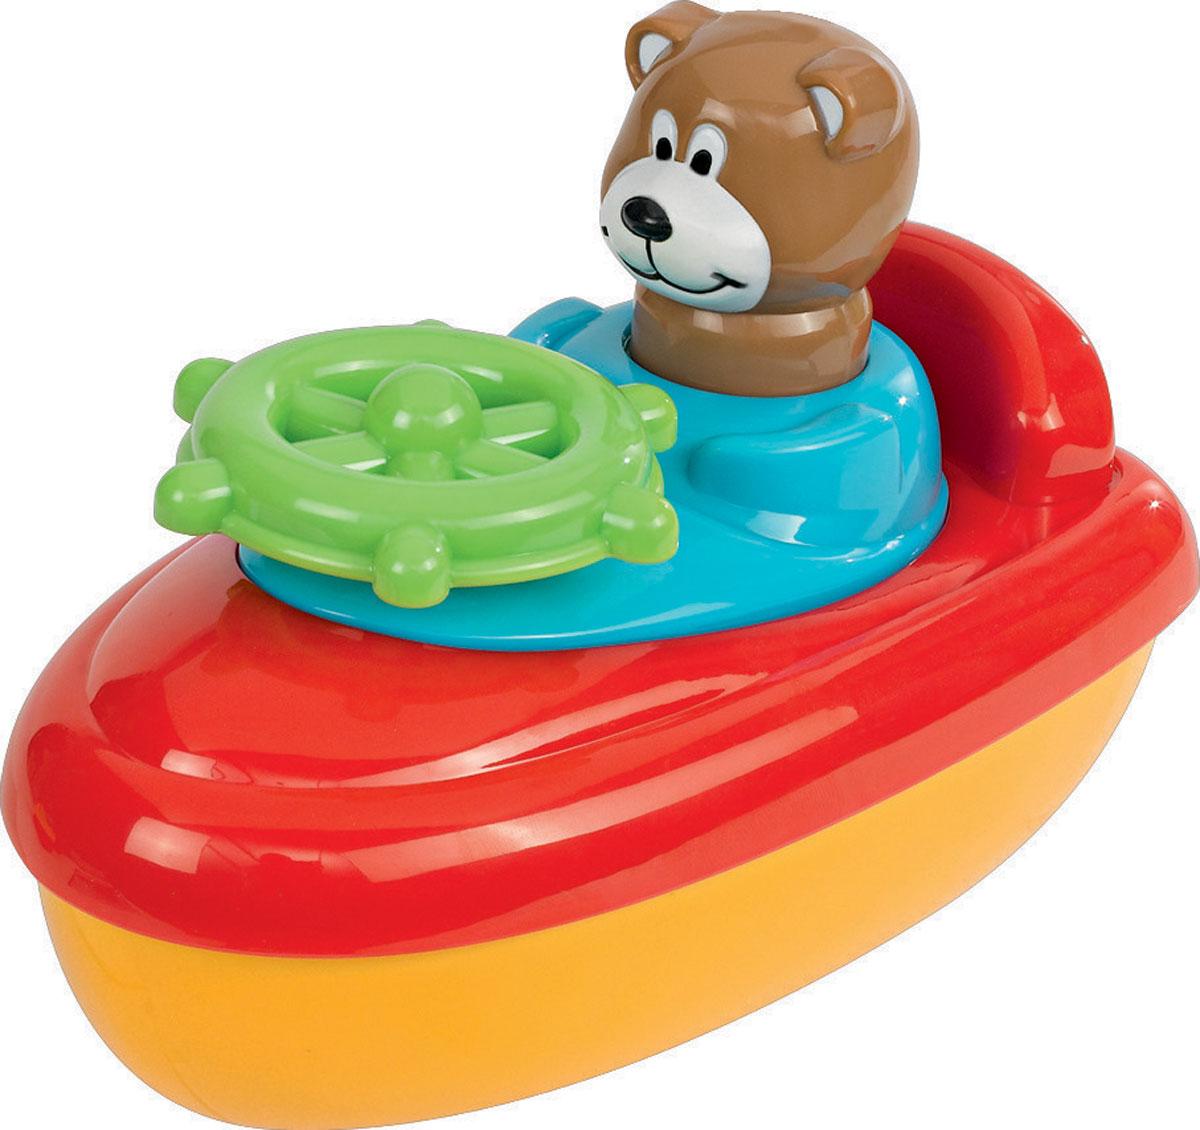 Simba Игрушка для ванны Лодка с мишкой4017_мишкаЯркая игрушка для ванны Simba Лодка с фигуркой, чтобы полезное занятие стало еще очень занимательным и любимым! Выполнено изделие из абсолютно безопасных для ребенка материалов. Игрушка представляет собой лодку, на которой располагается капитан в виде милого мишки. Покрутив штурвал ребенок услышит звонкий треск. Также при нажатии на голову медвежонка будет издаваться забавный звук. Ребенок сможет управлять лодкой по воде, а данный процесс будет участвовать в развитии моторики детских ручек. Веселый персонаж, сидящий в лодке, позабавит малыша, а процесс купания станет увлекательным и беззаботным.